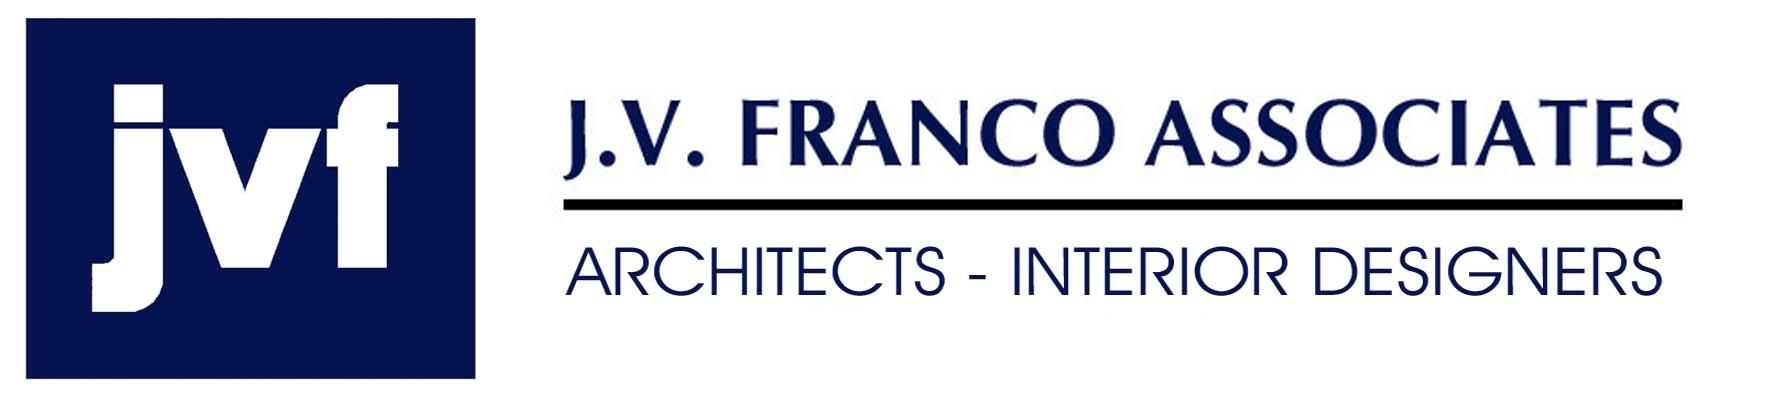 JVF Architects